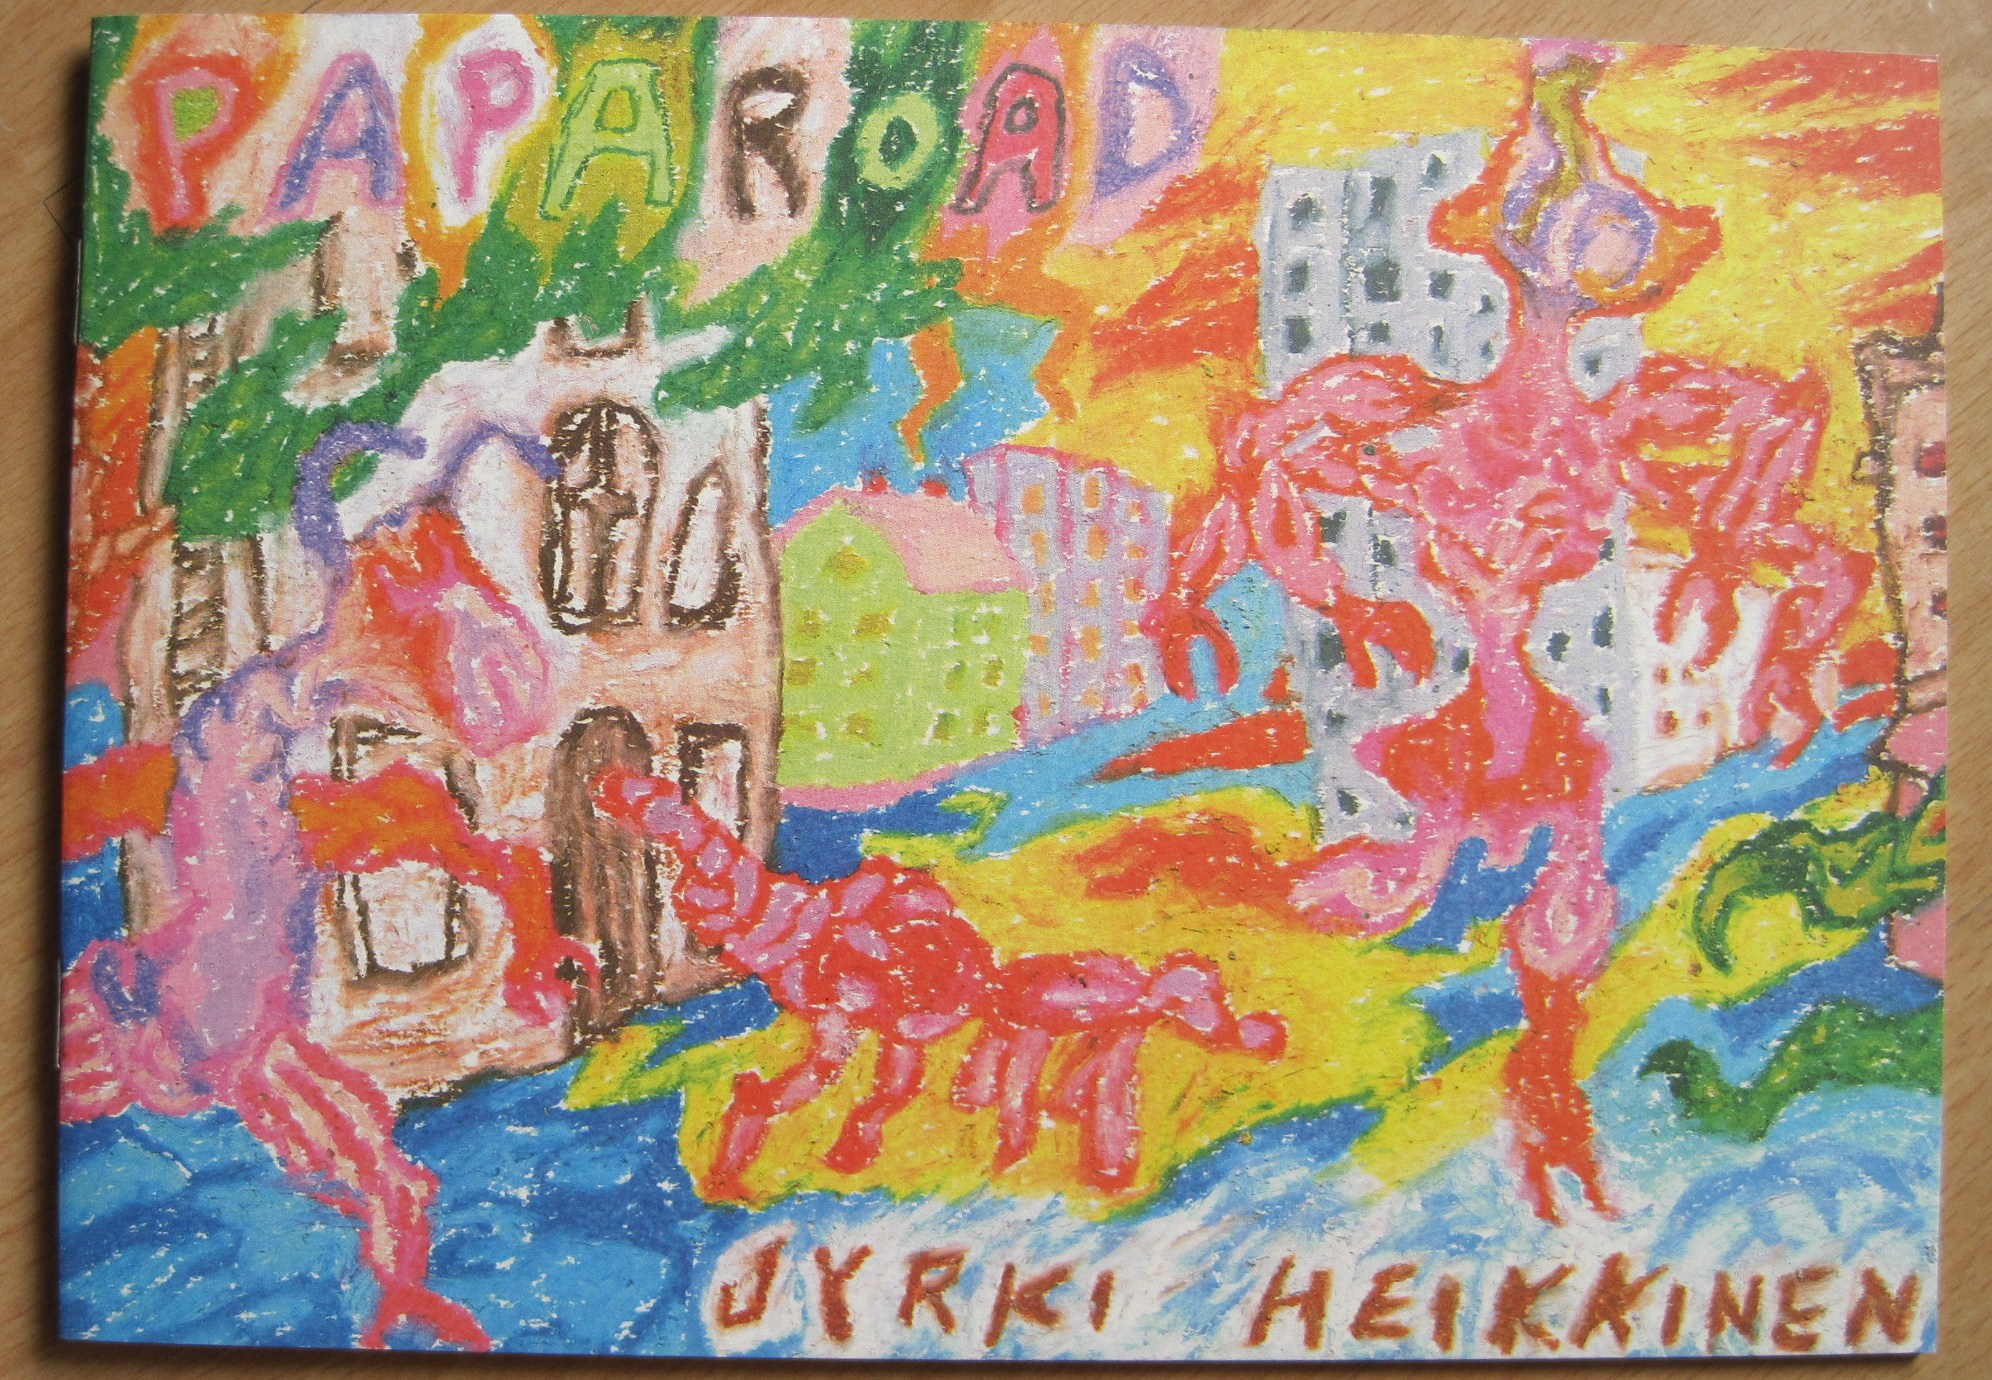 Paparoad, kansi